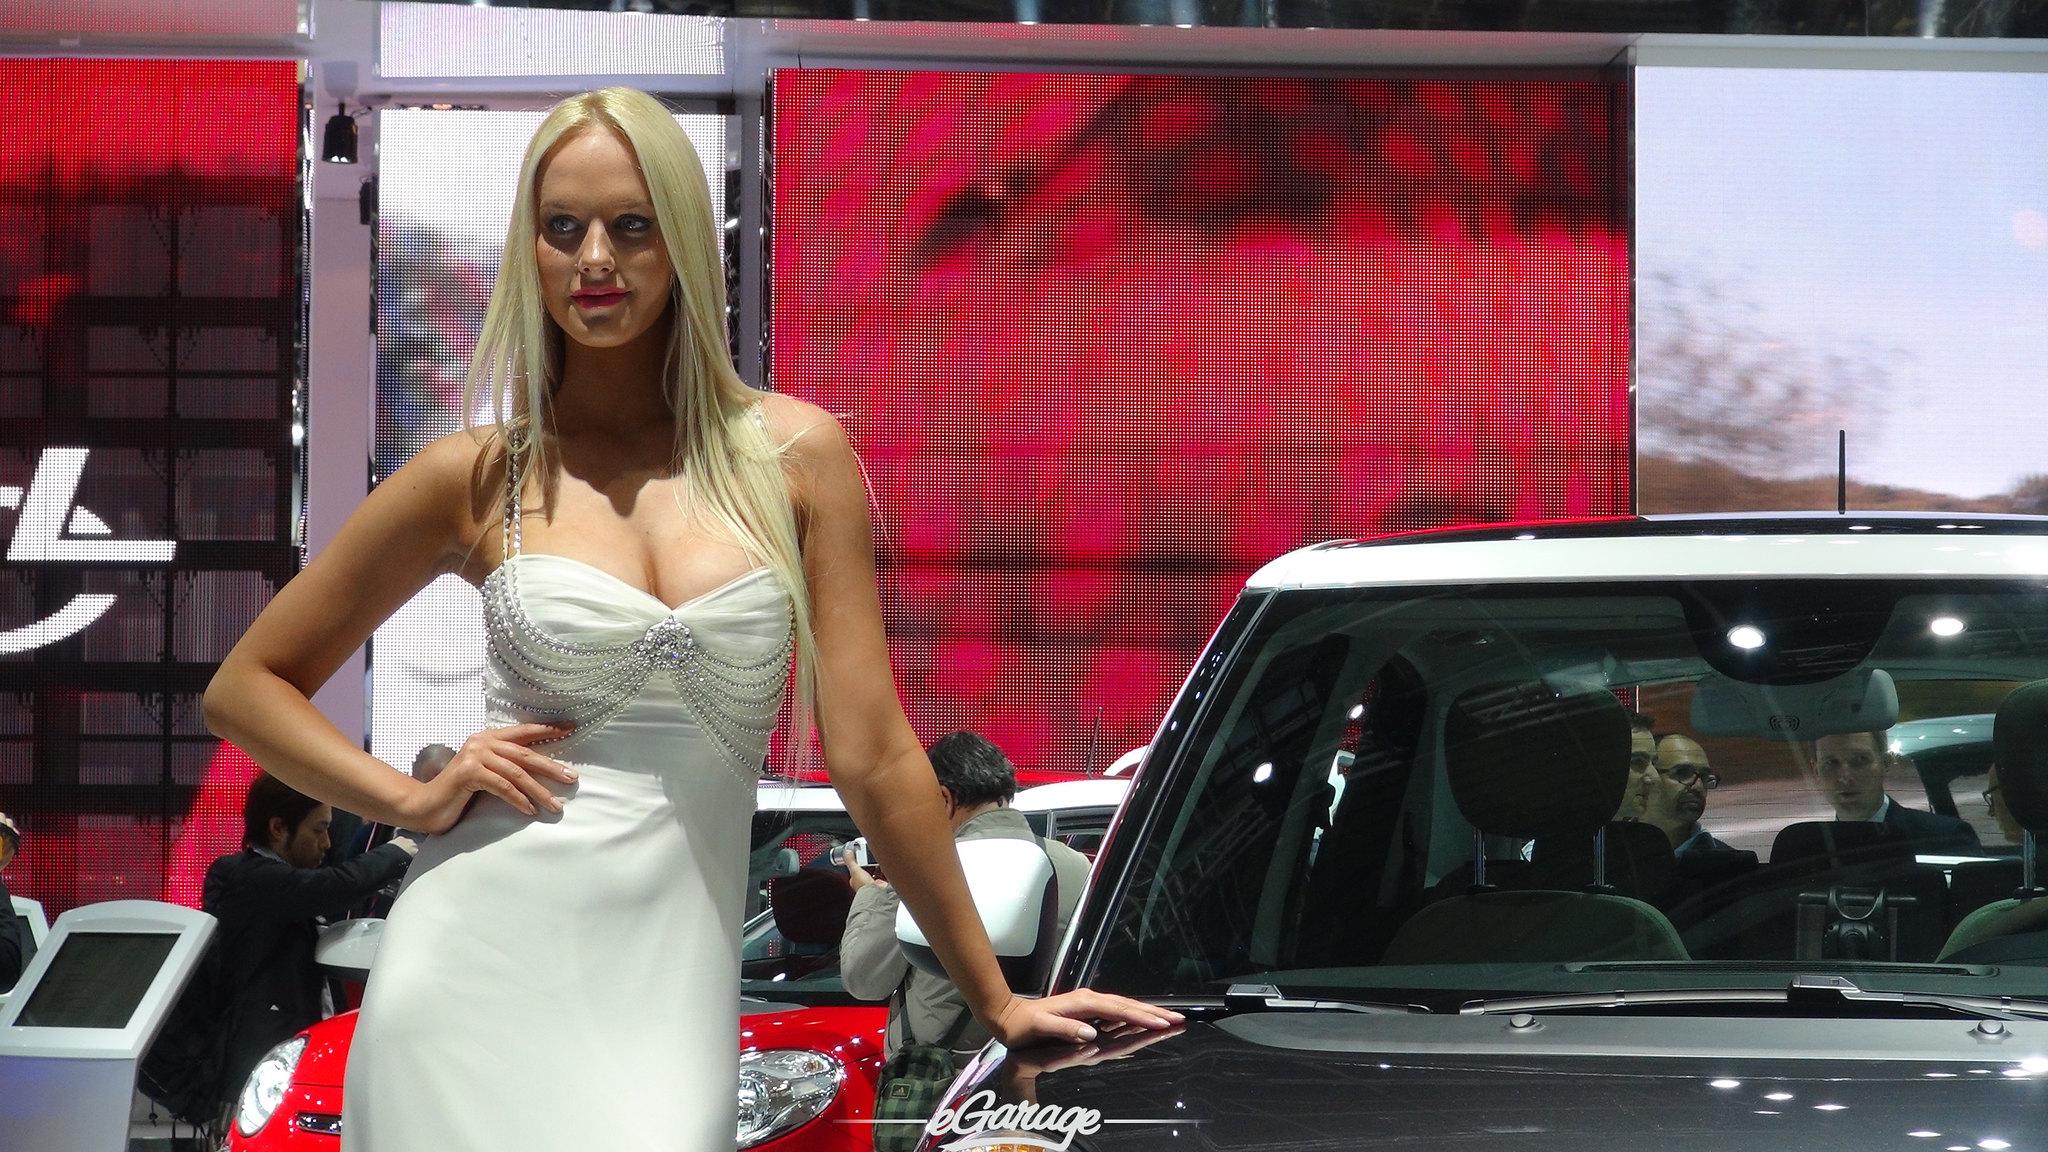 8034747527 3391114c37 k 2012 Paris Motor Show